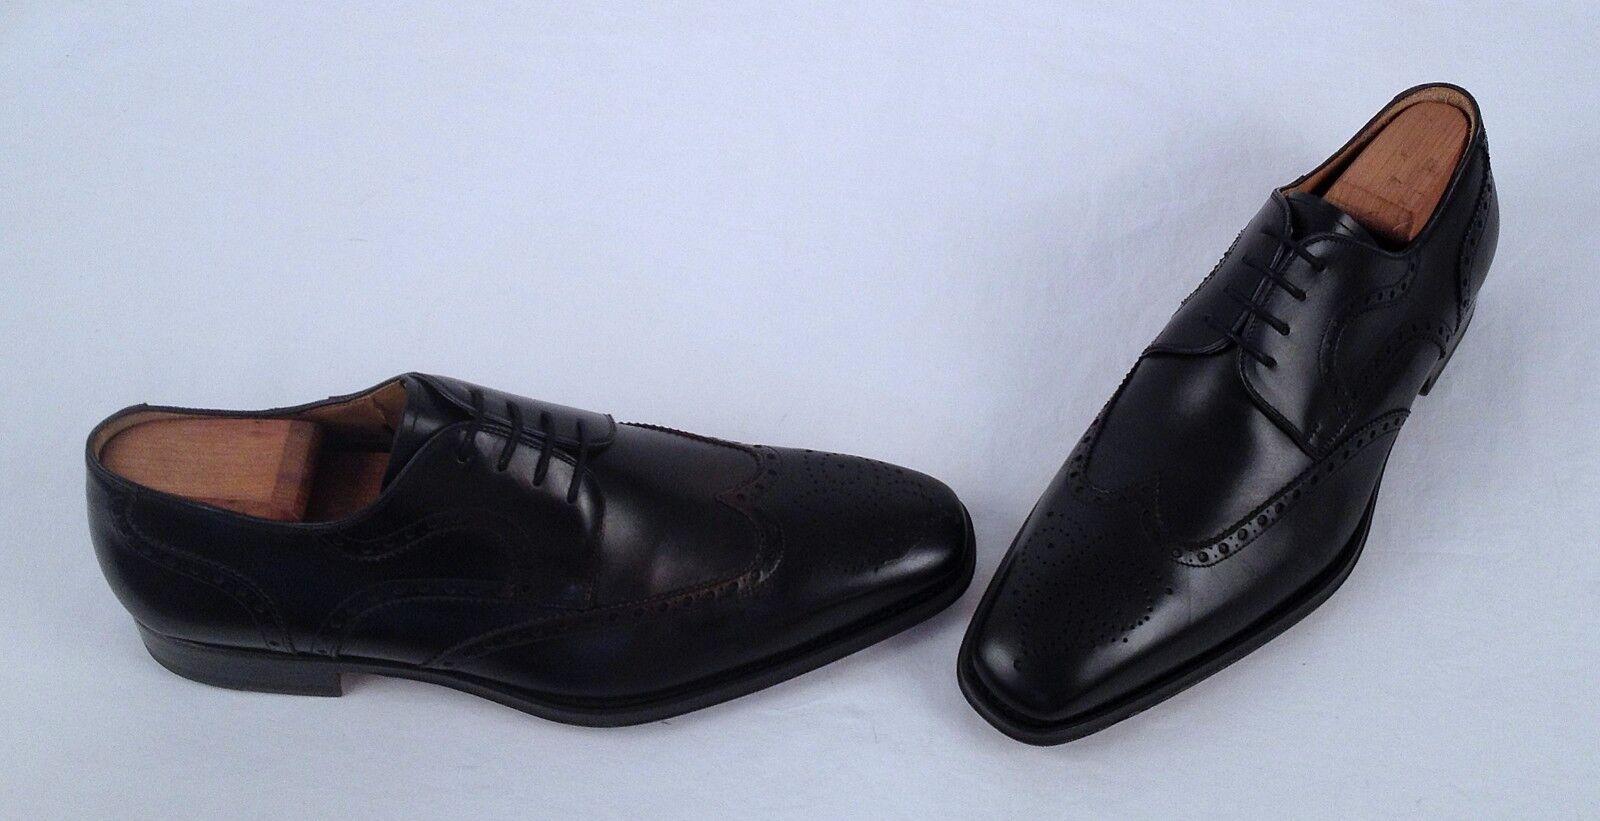 buona qualità Magnanni 'Sergio' Wingtip Oxford- Oxford- Oxford- nero- Dimensione 10 M  Labeled 9.5 M   350  (TB9)  vendite dirette della fabbrica